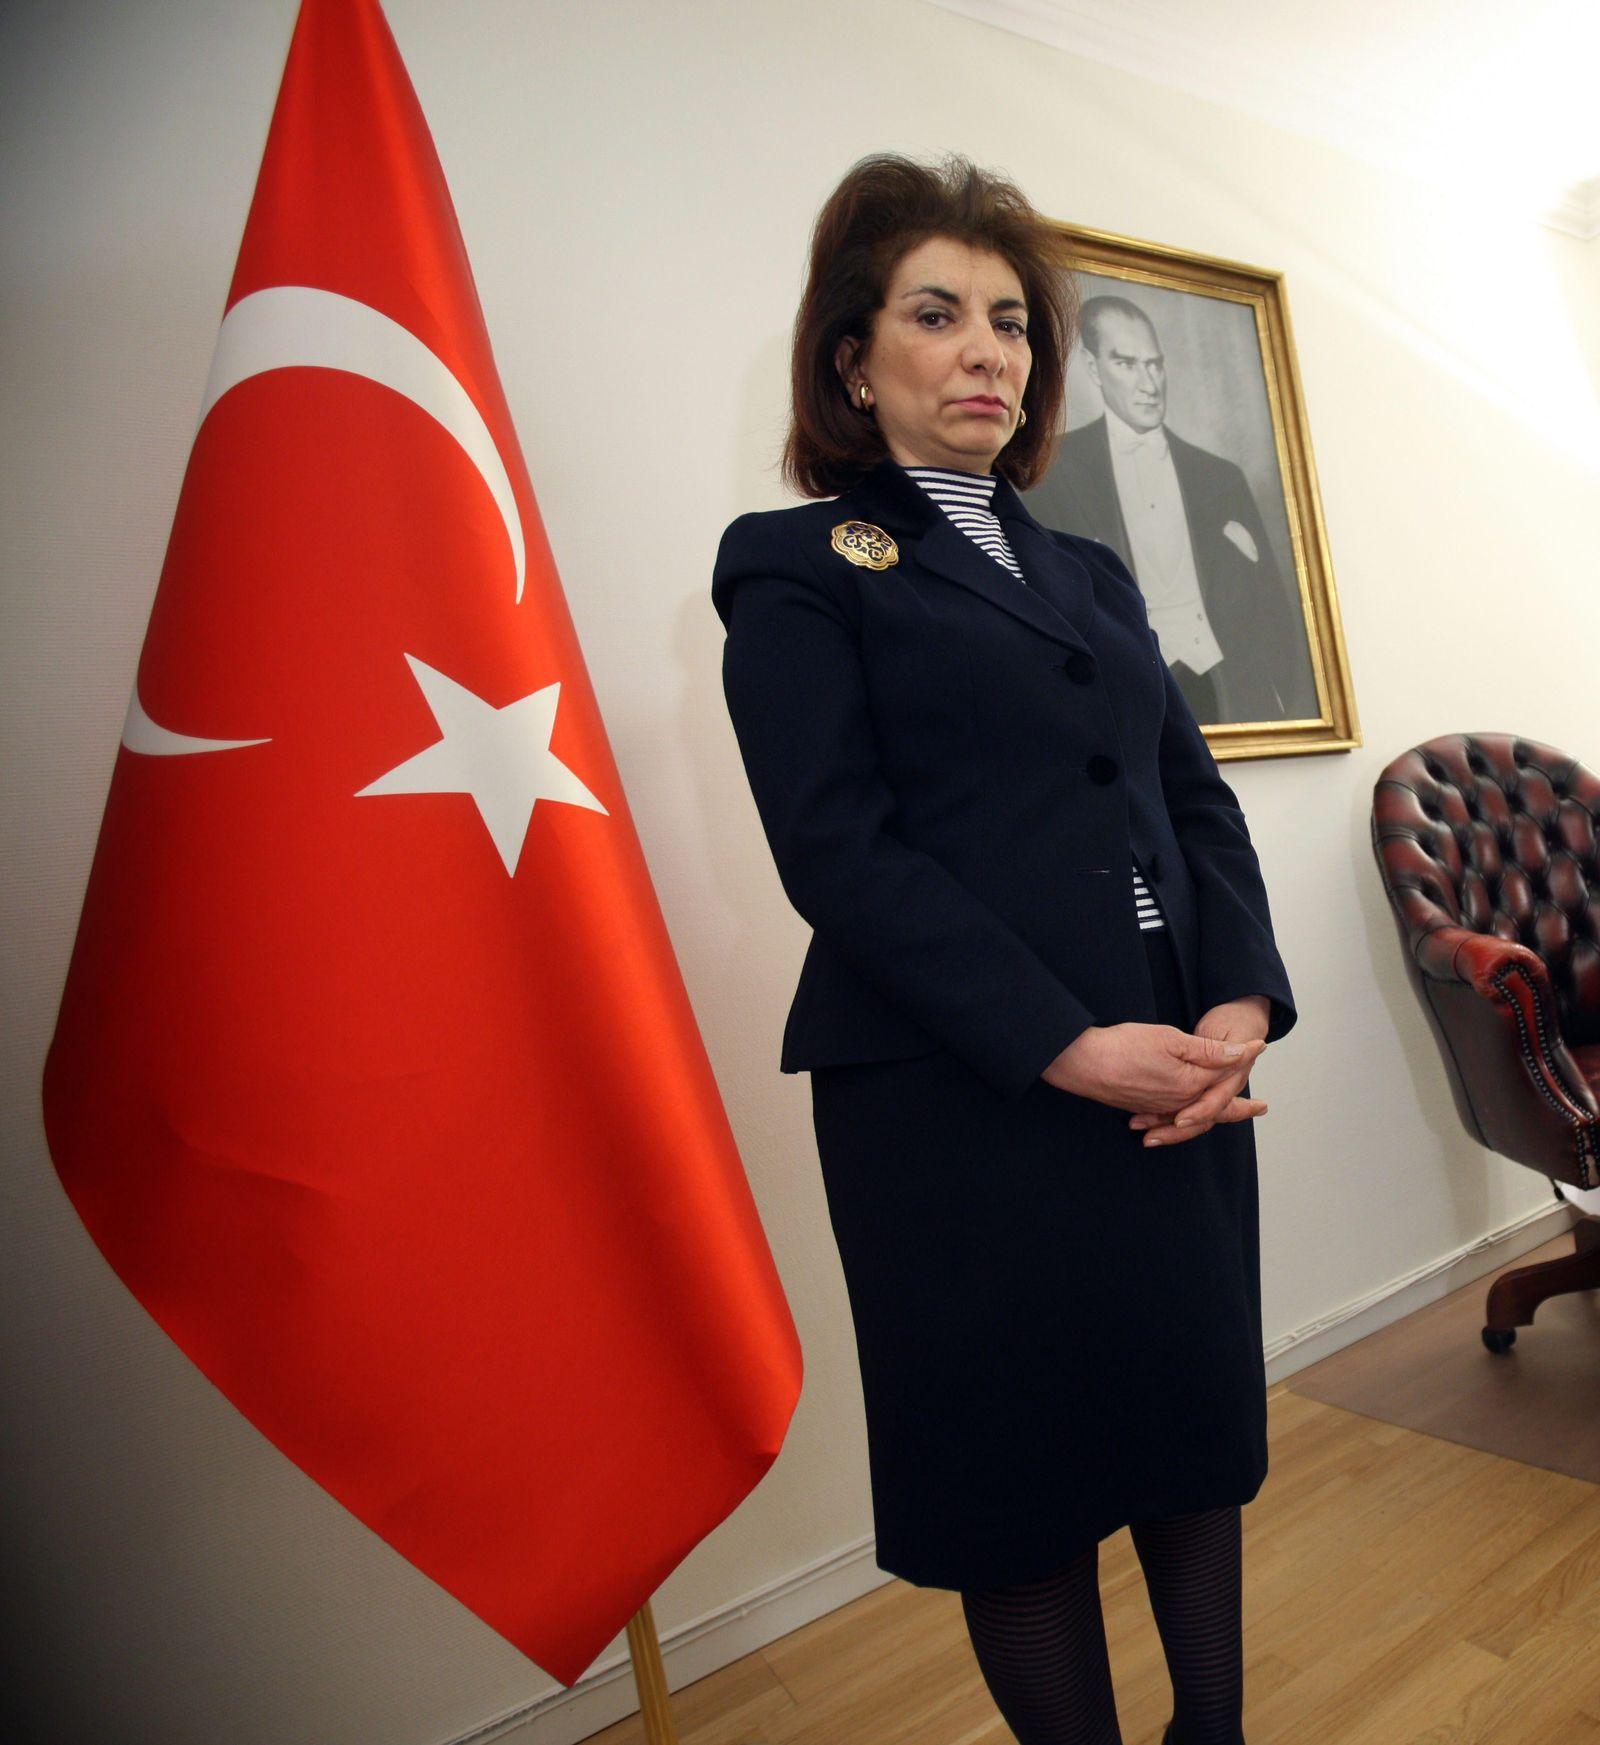 türkische botschafterin in schweden